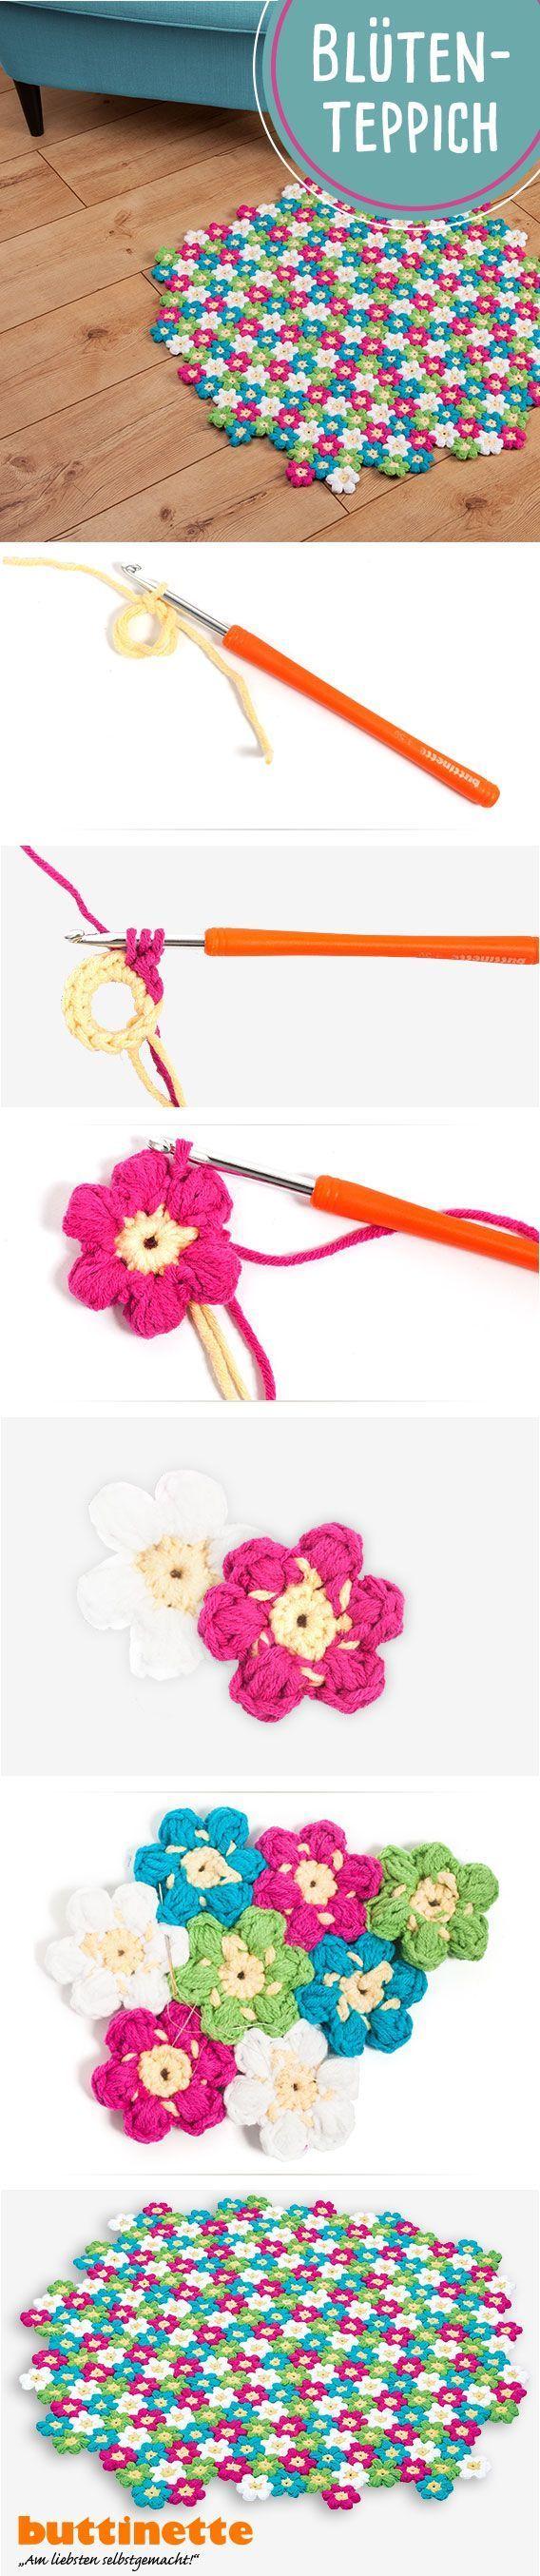 Blüten Blumen Blumenteppich Teppich Häkeln Selbermachen